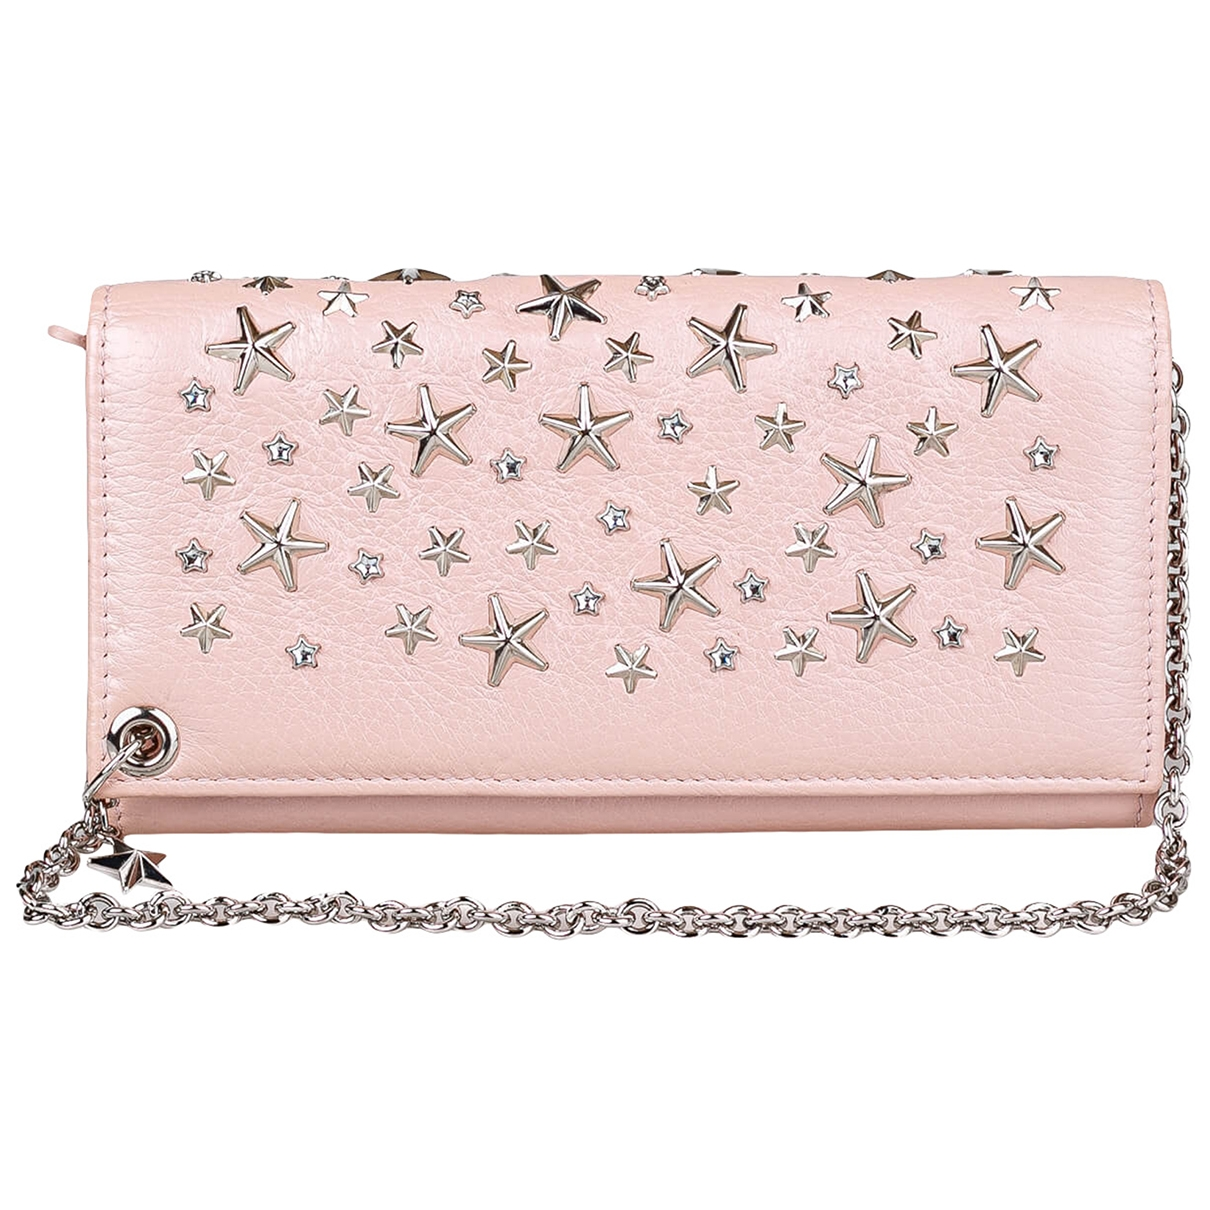 Jimmy Choo \N Pink Leather Clutch bag for Women \N